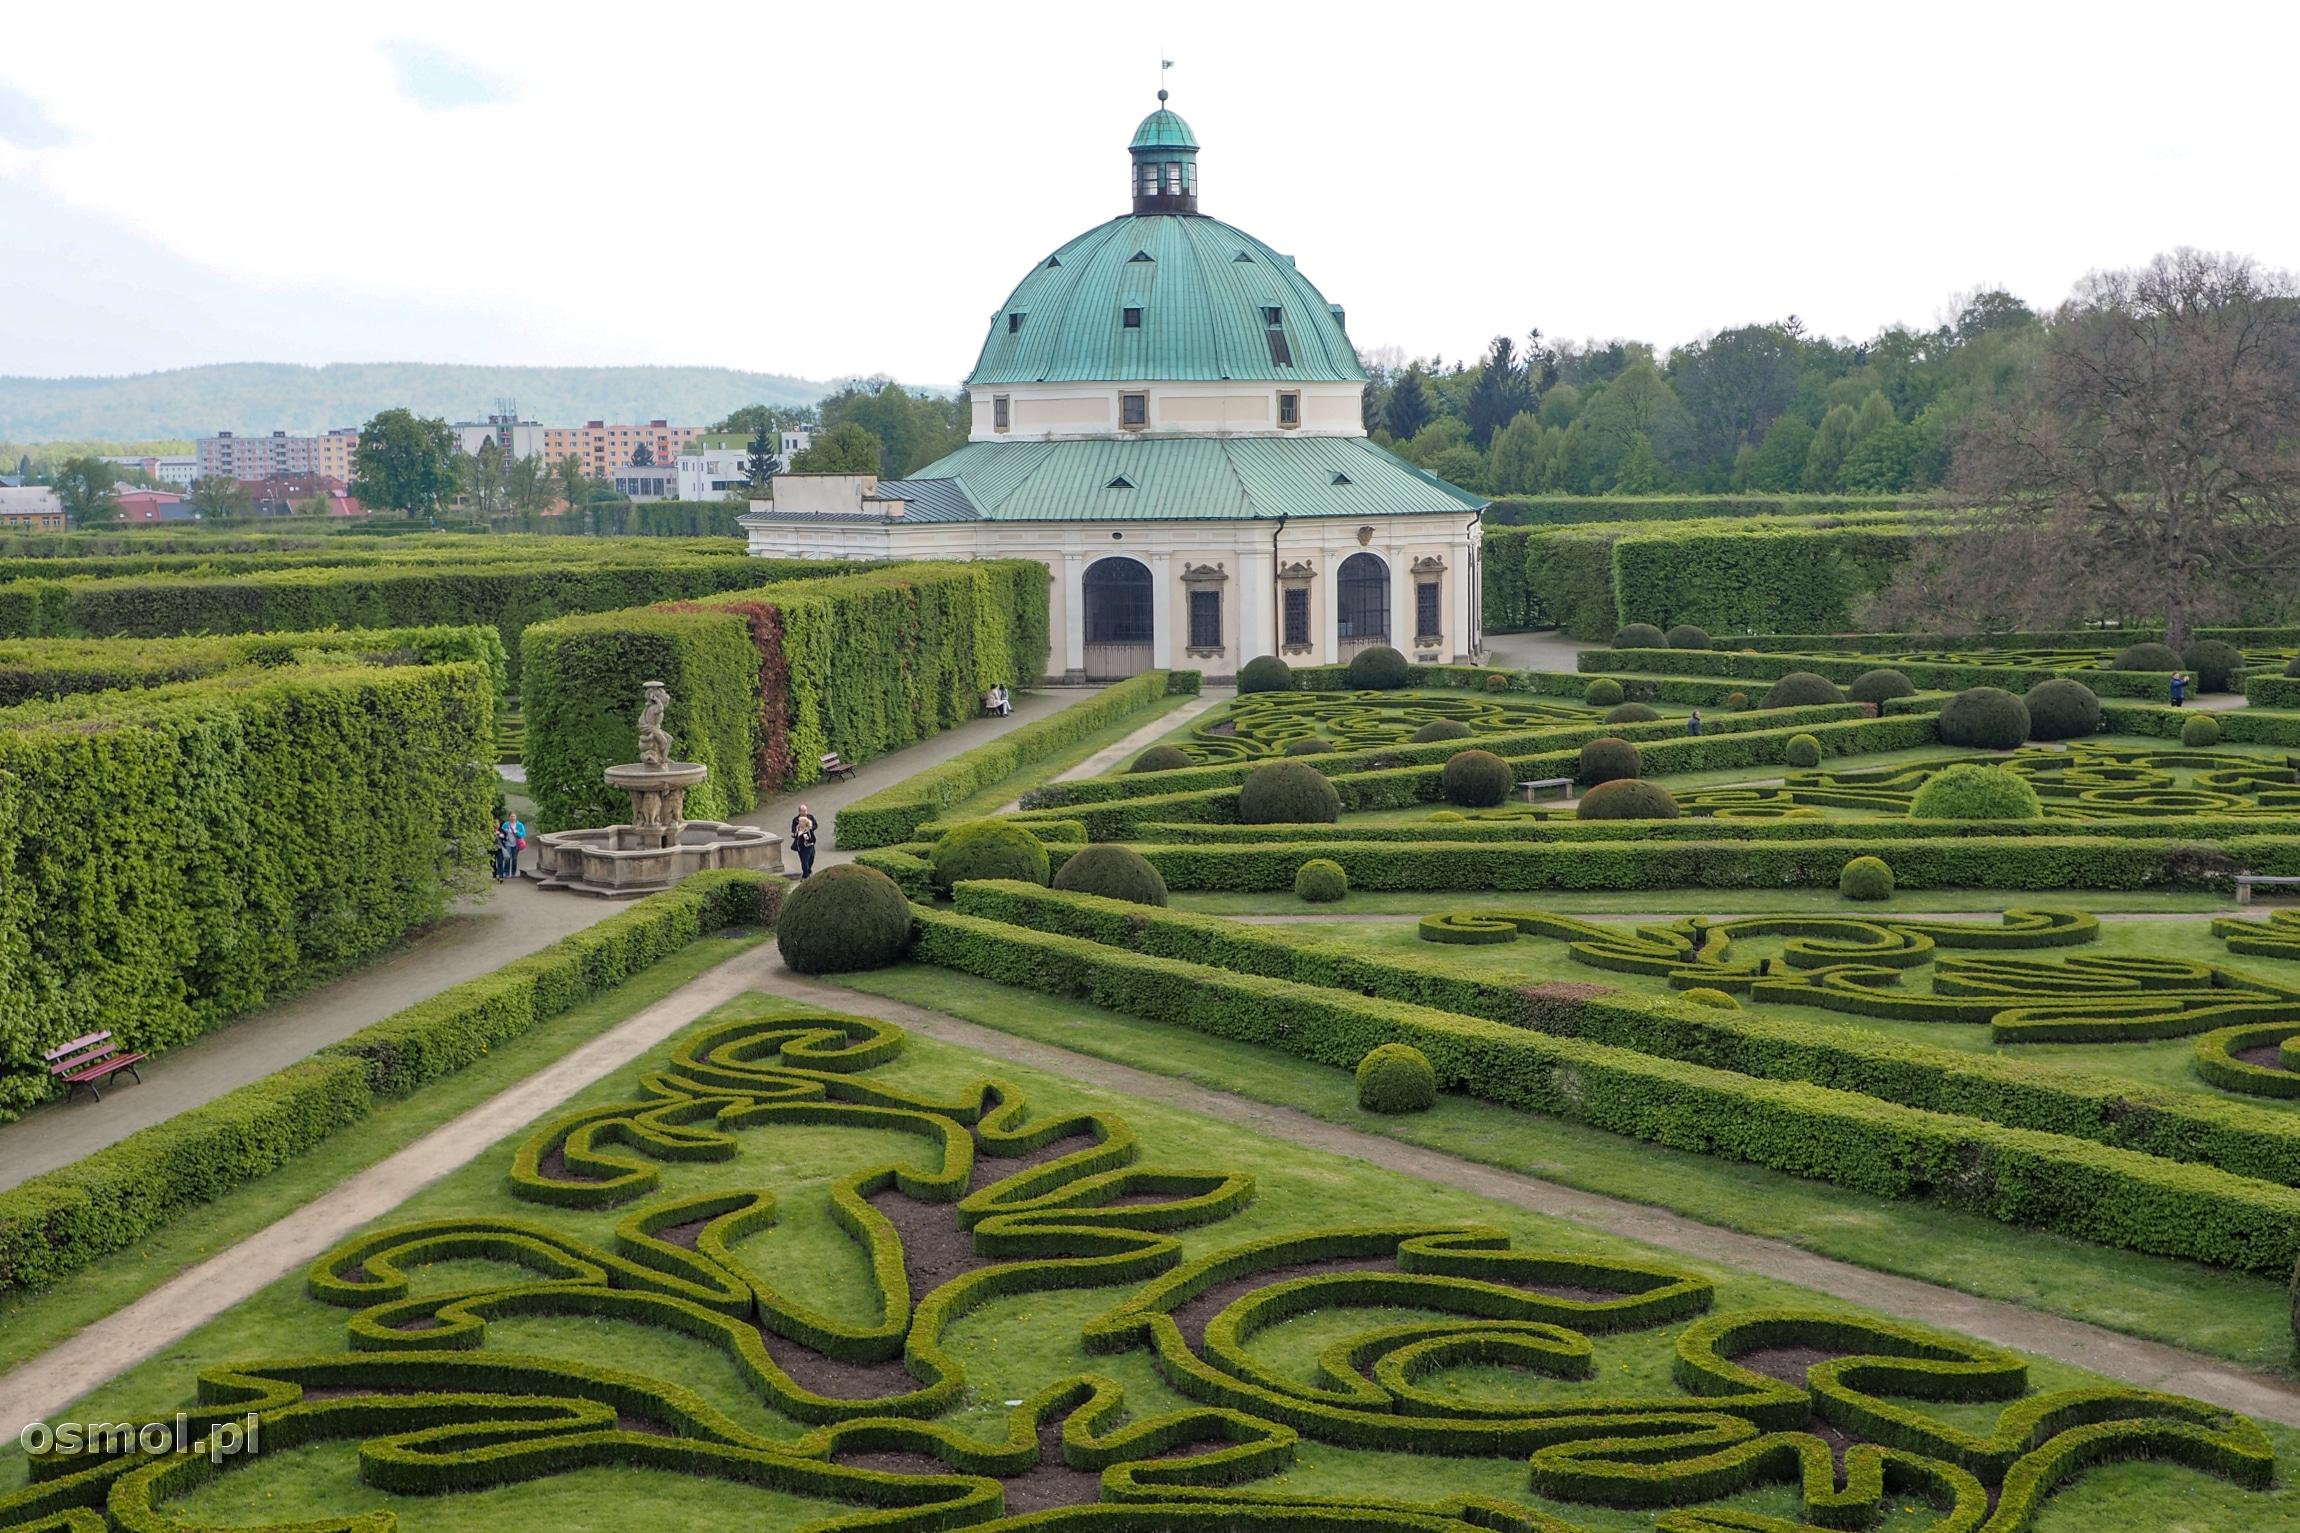 Ogród Kwiatowy w Kromieryżu